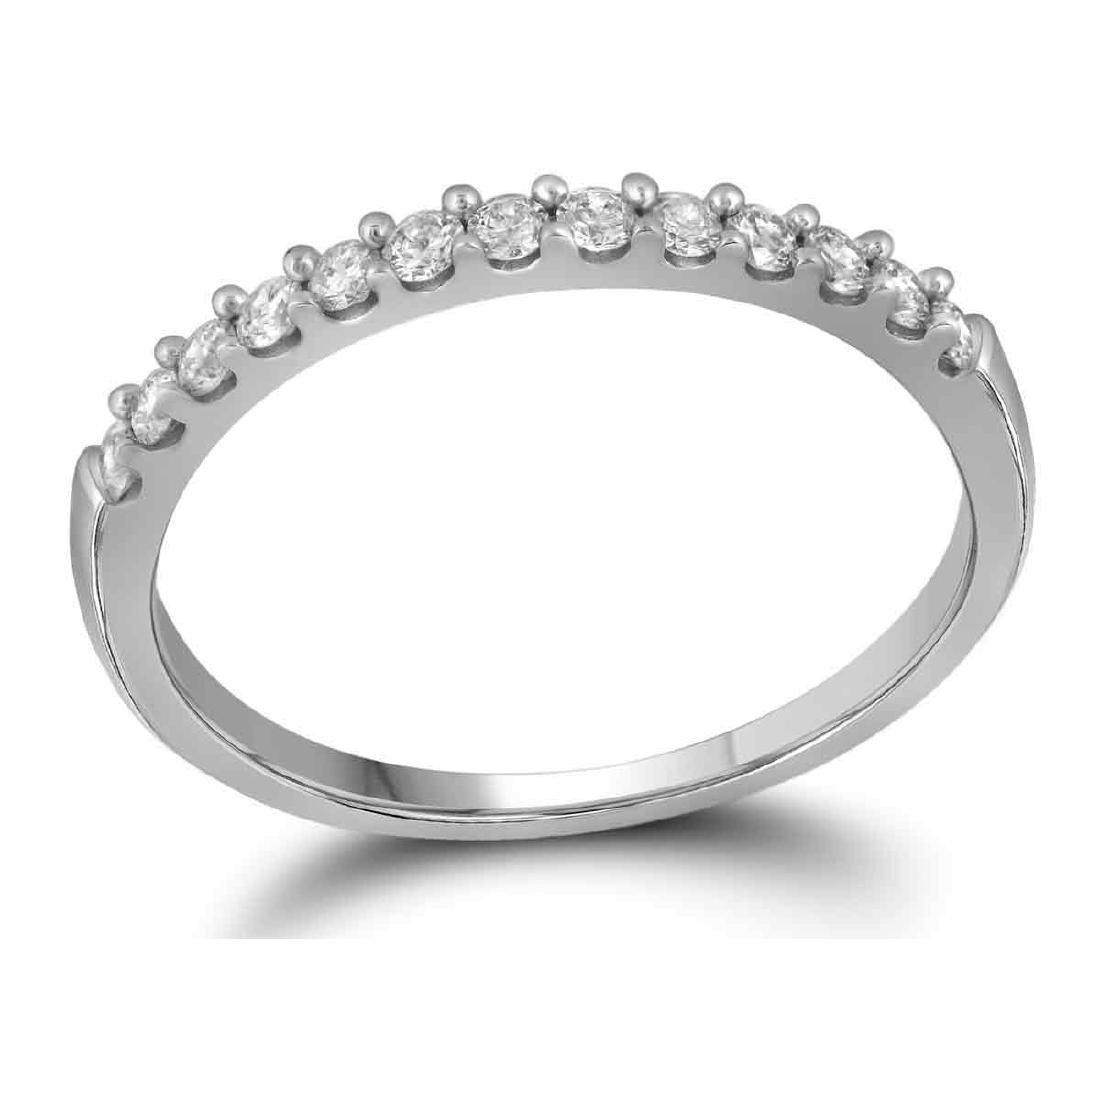 0.25 CTW Diamond Wedding Anniversary Ring 14KT White